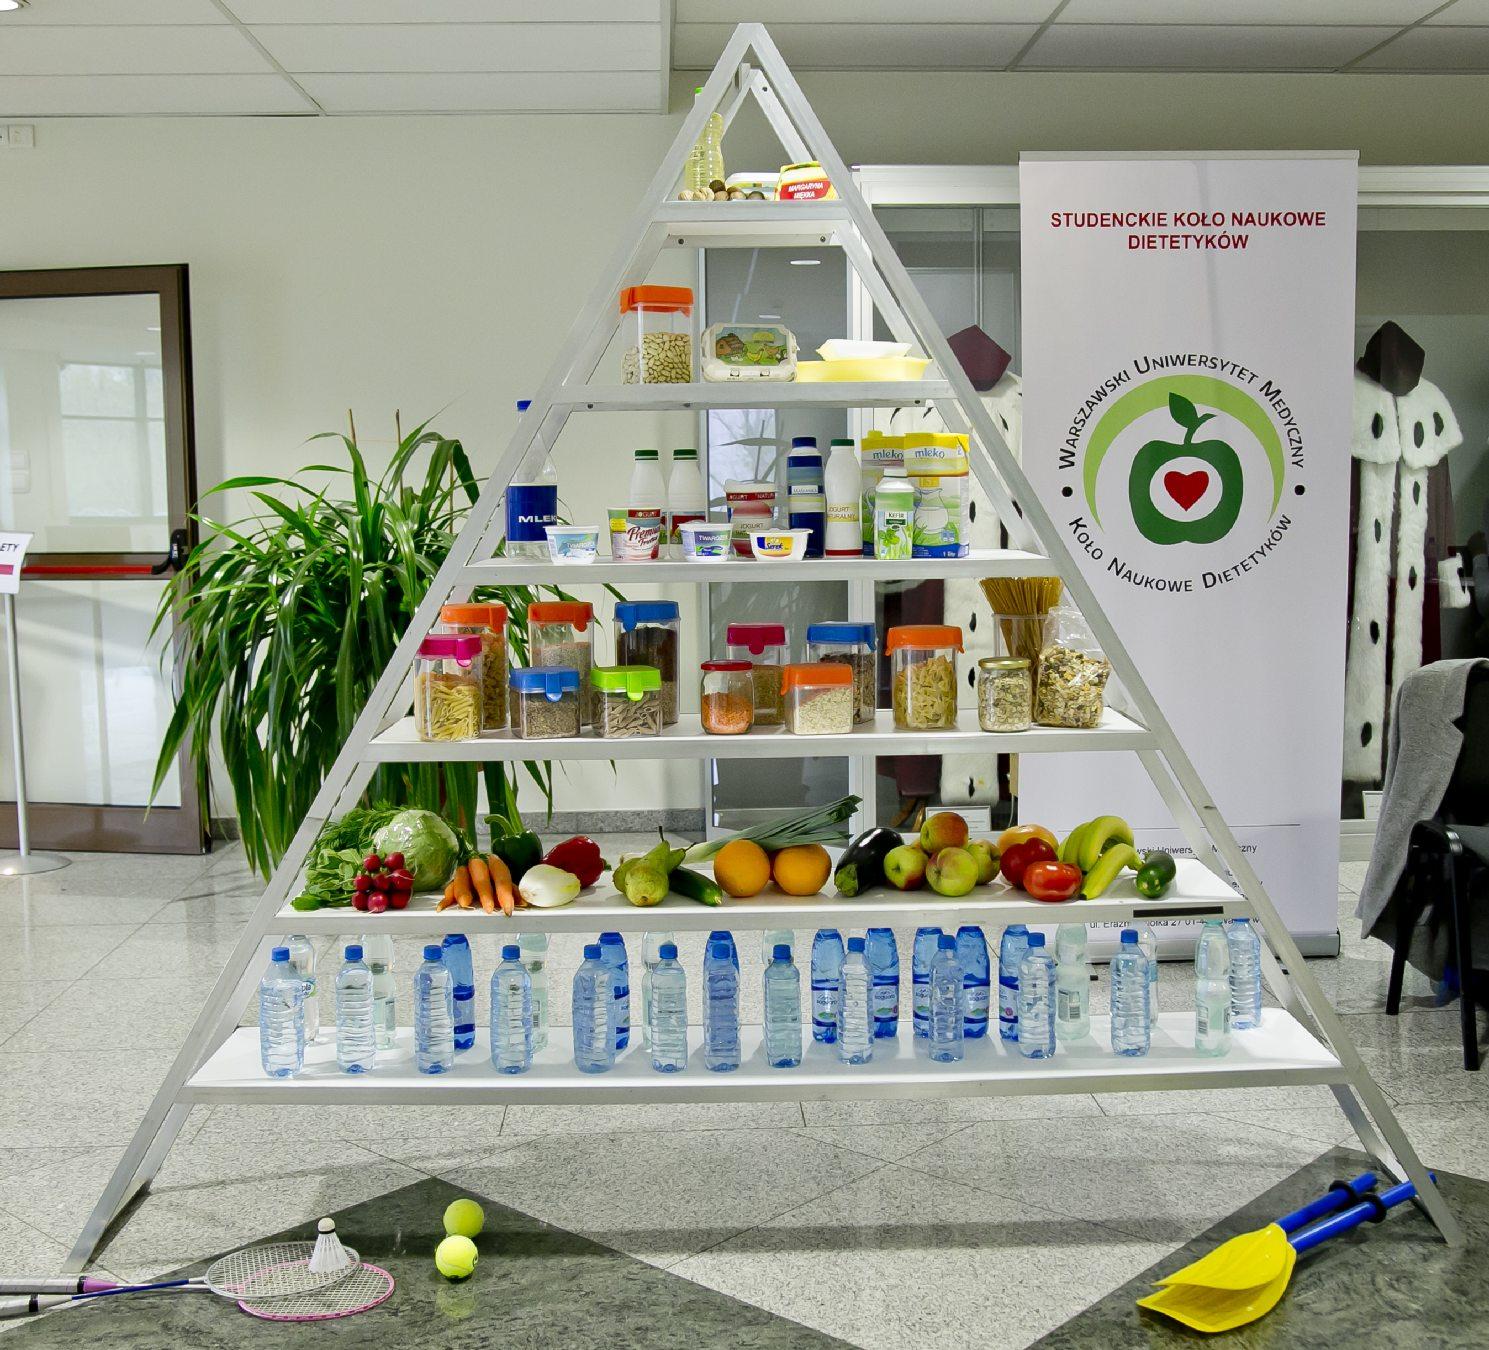 Zobacz ofertę Warszawskiego Uniwersytetu Medycznego!